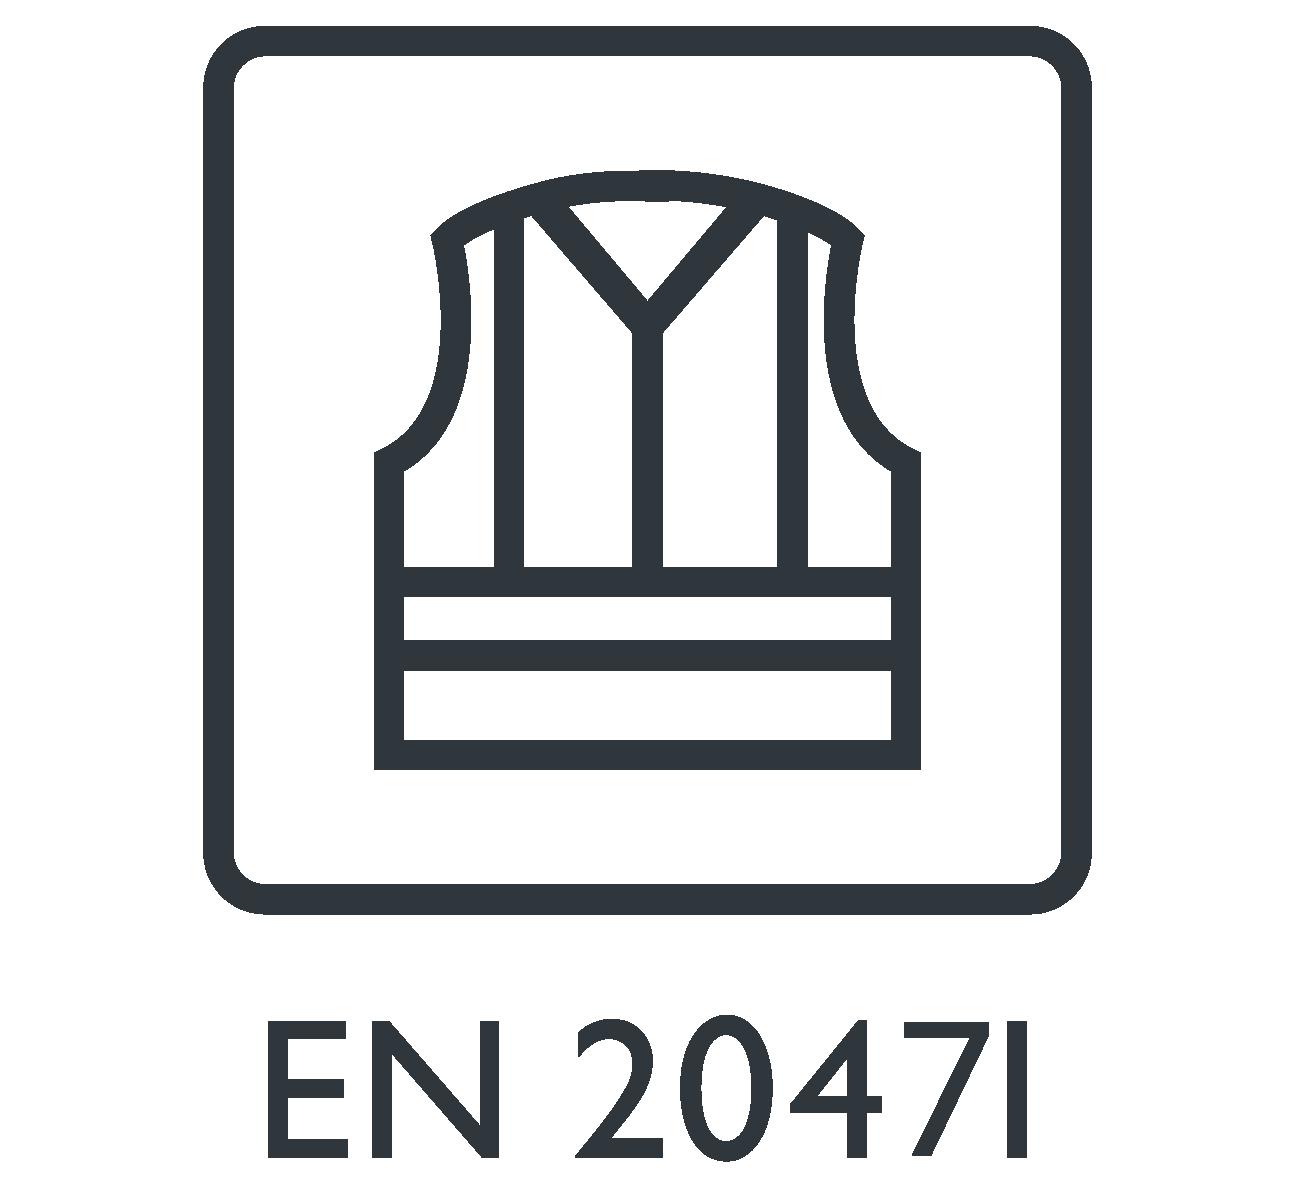 EN 20471 Requisitos para roupas de proteção de alta visibilidade